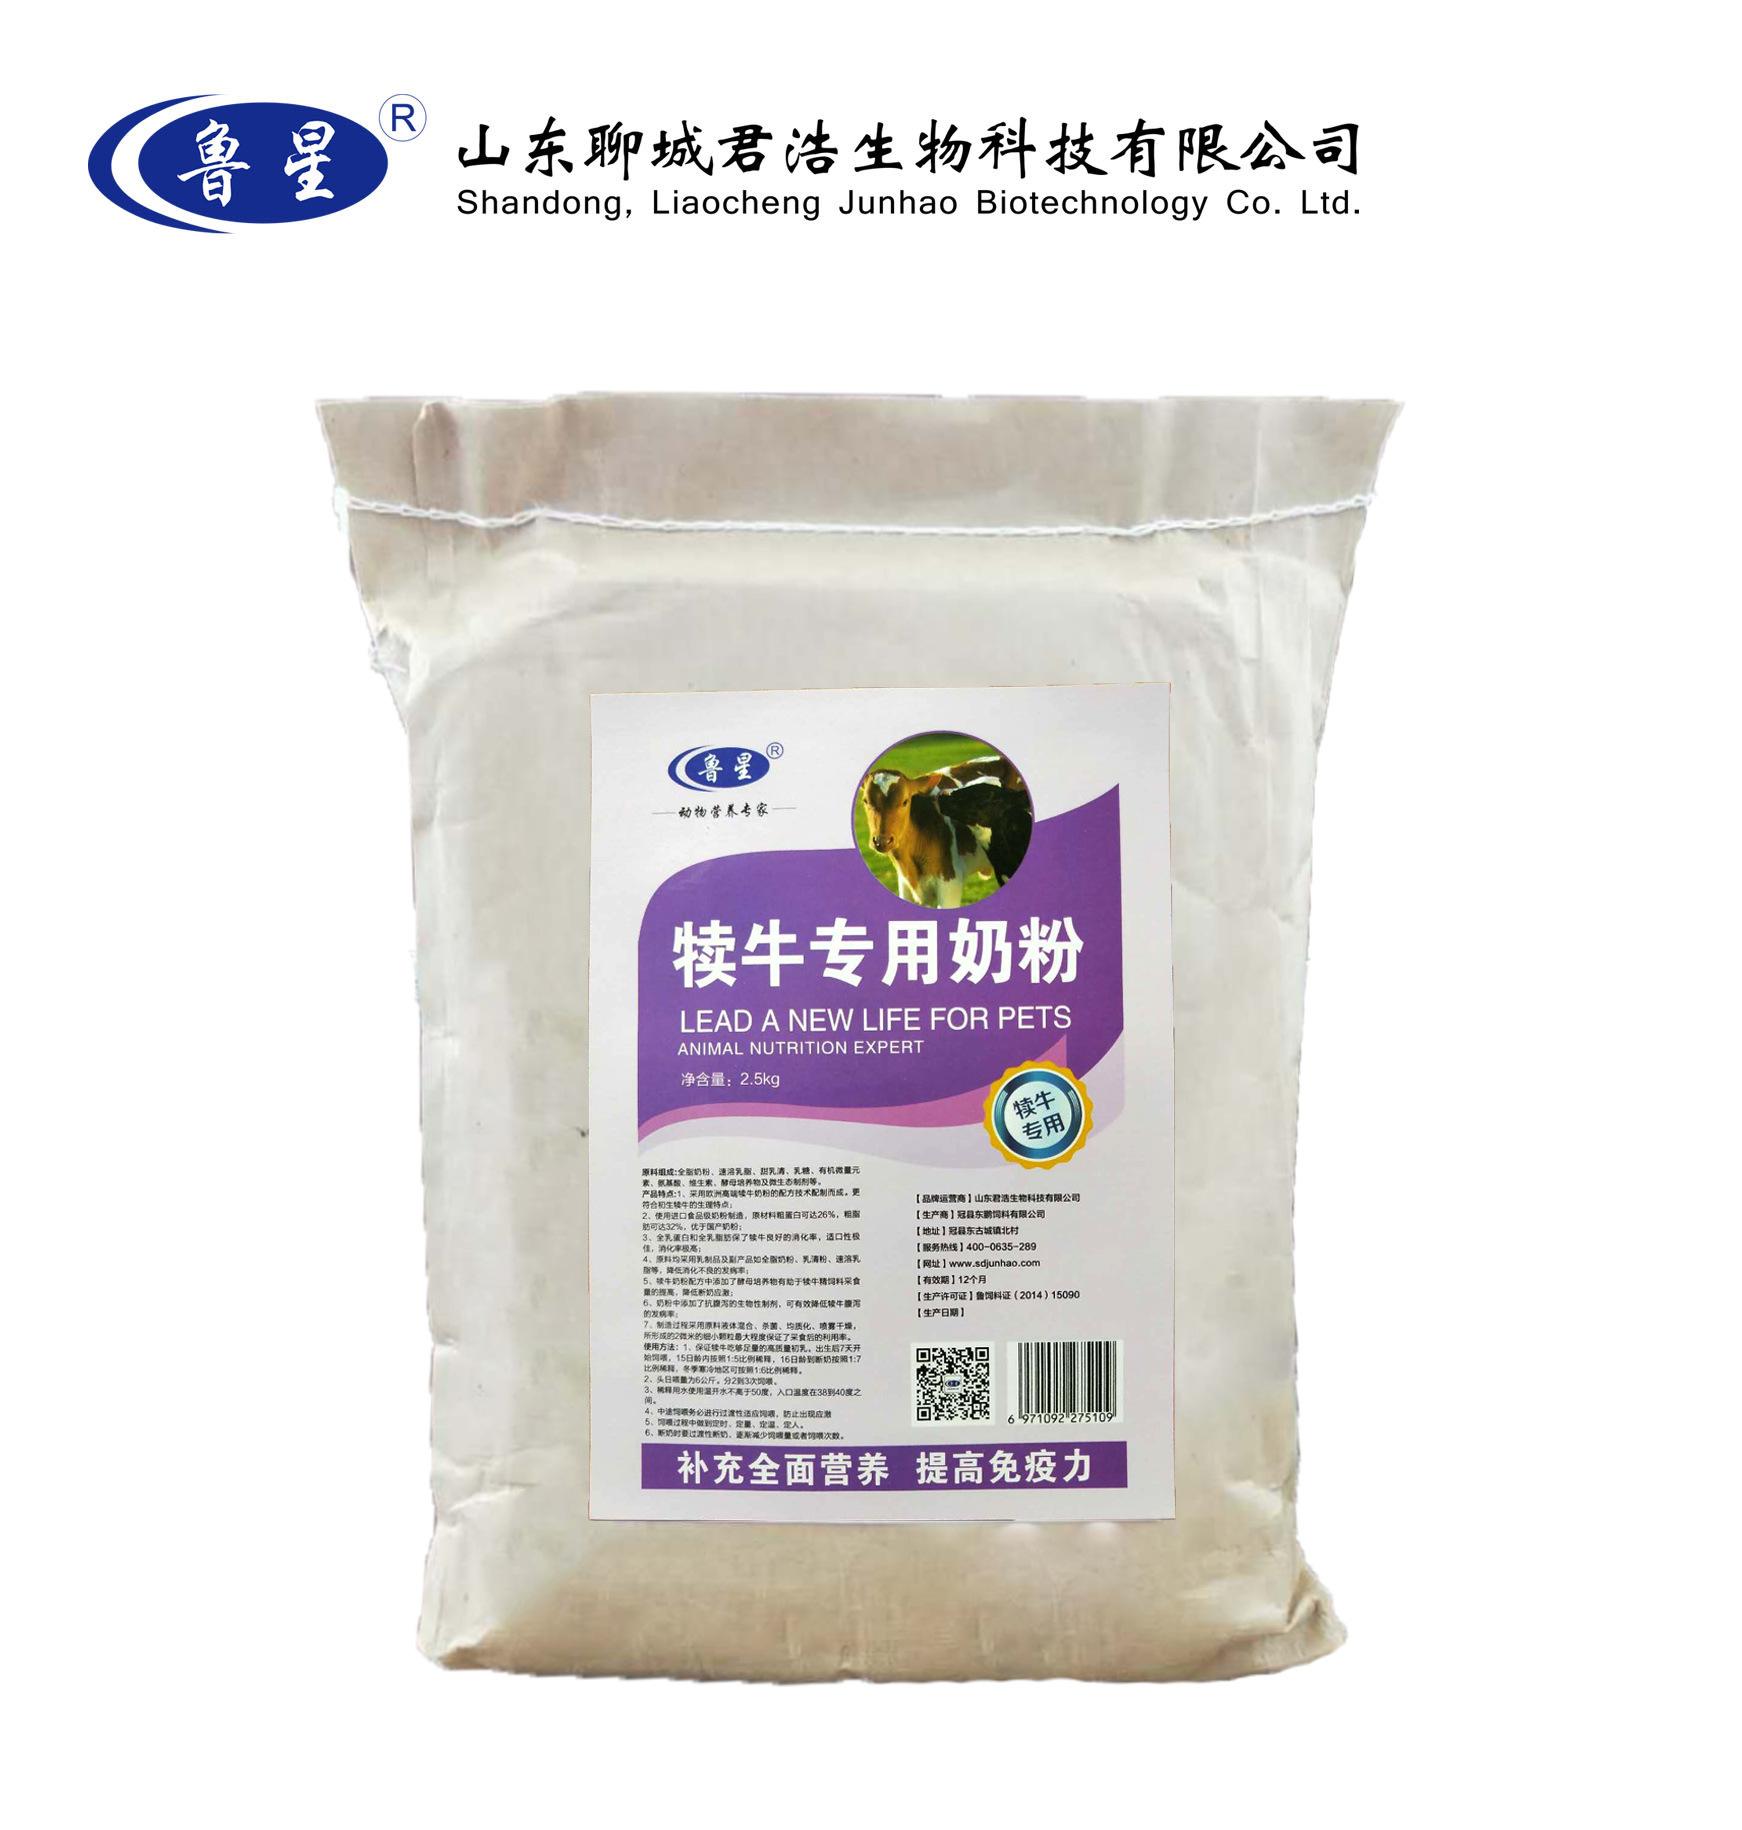 Thức ăn cho bò Động vật thú y thay thế sữa động vật bột yak dê bột sữa đúc để ngăn ngừa tiêu chảy lợ